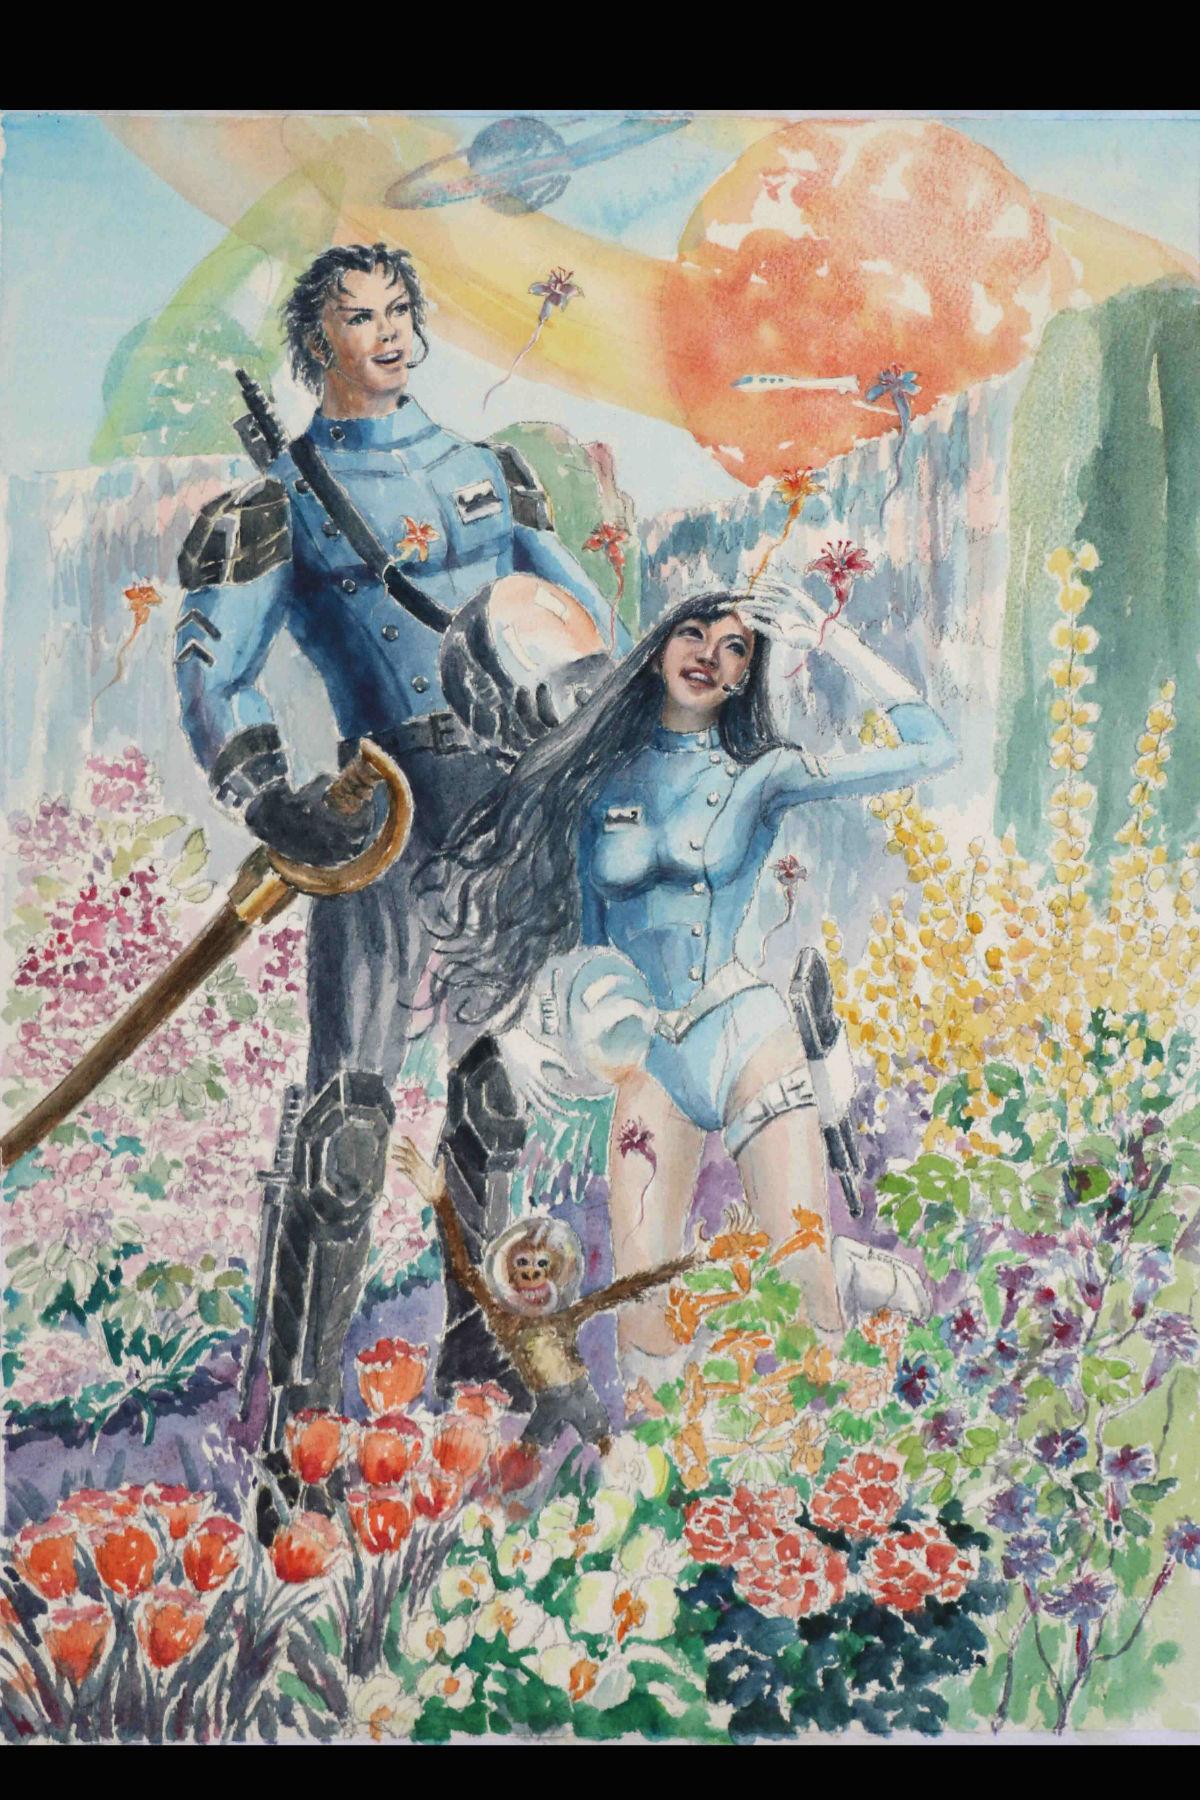 深圳南山素描水彩水粉速写油画漫画时装画建筑园林图